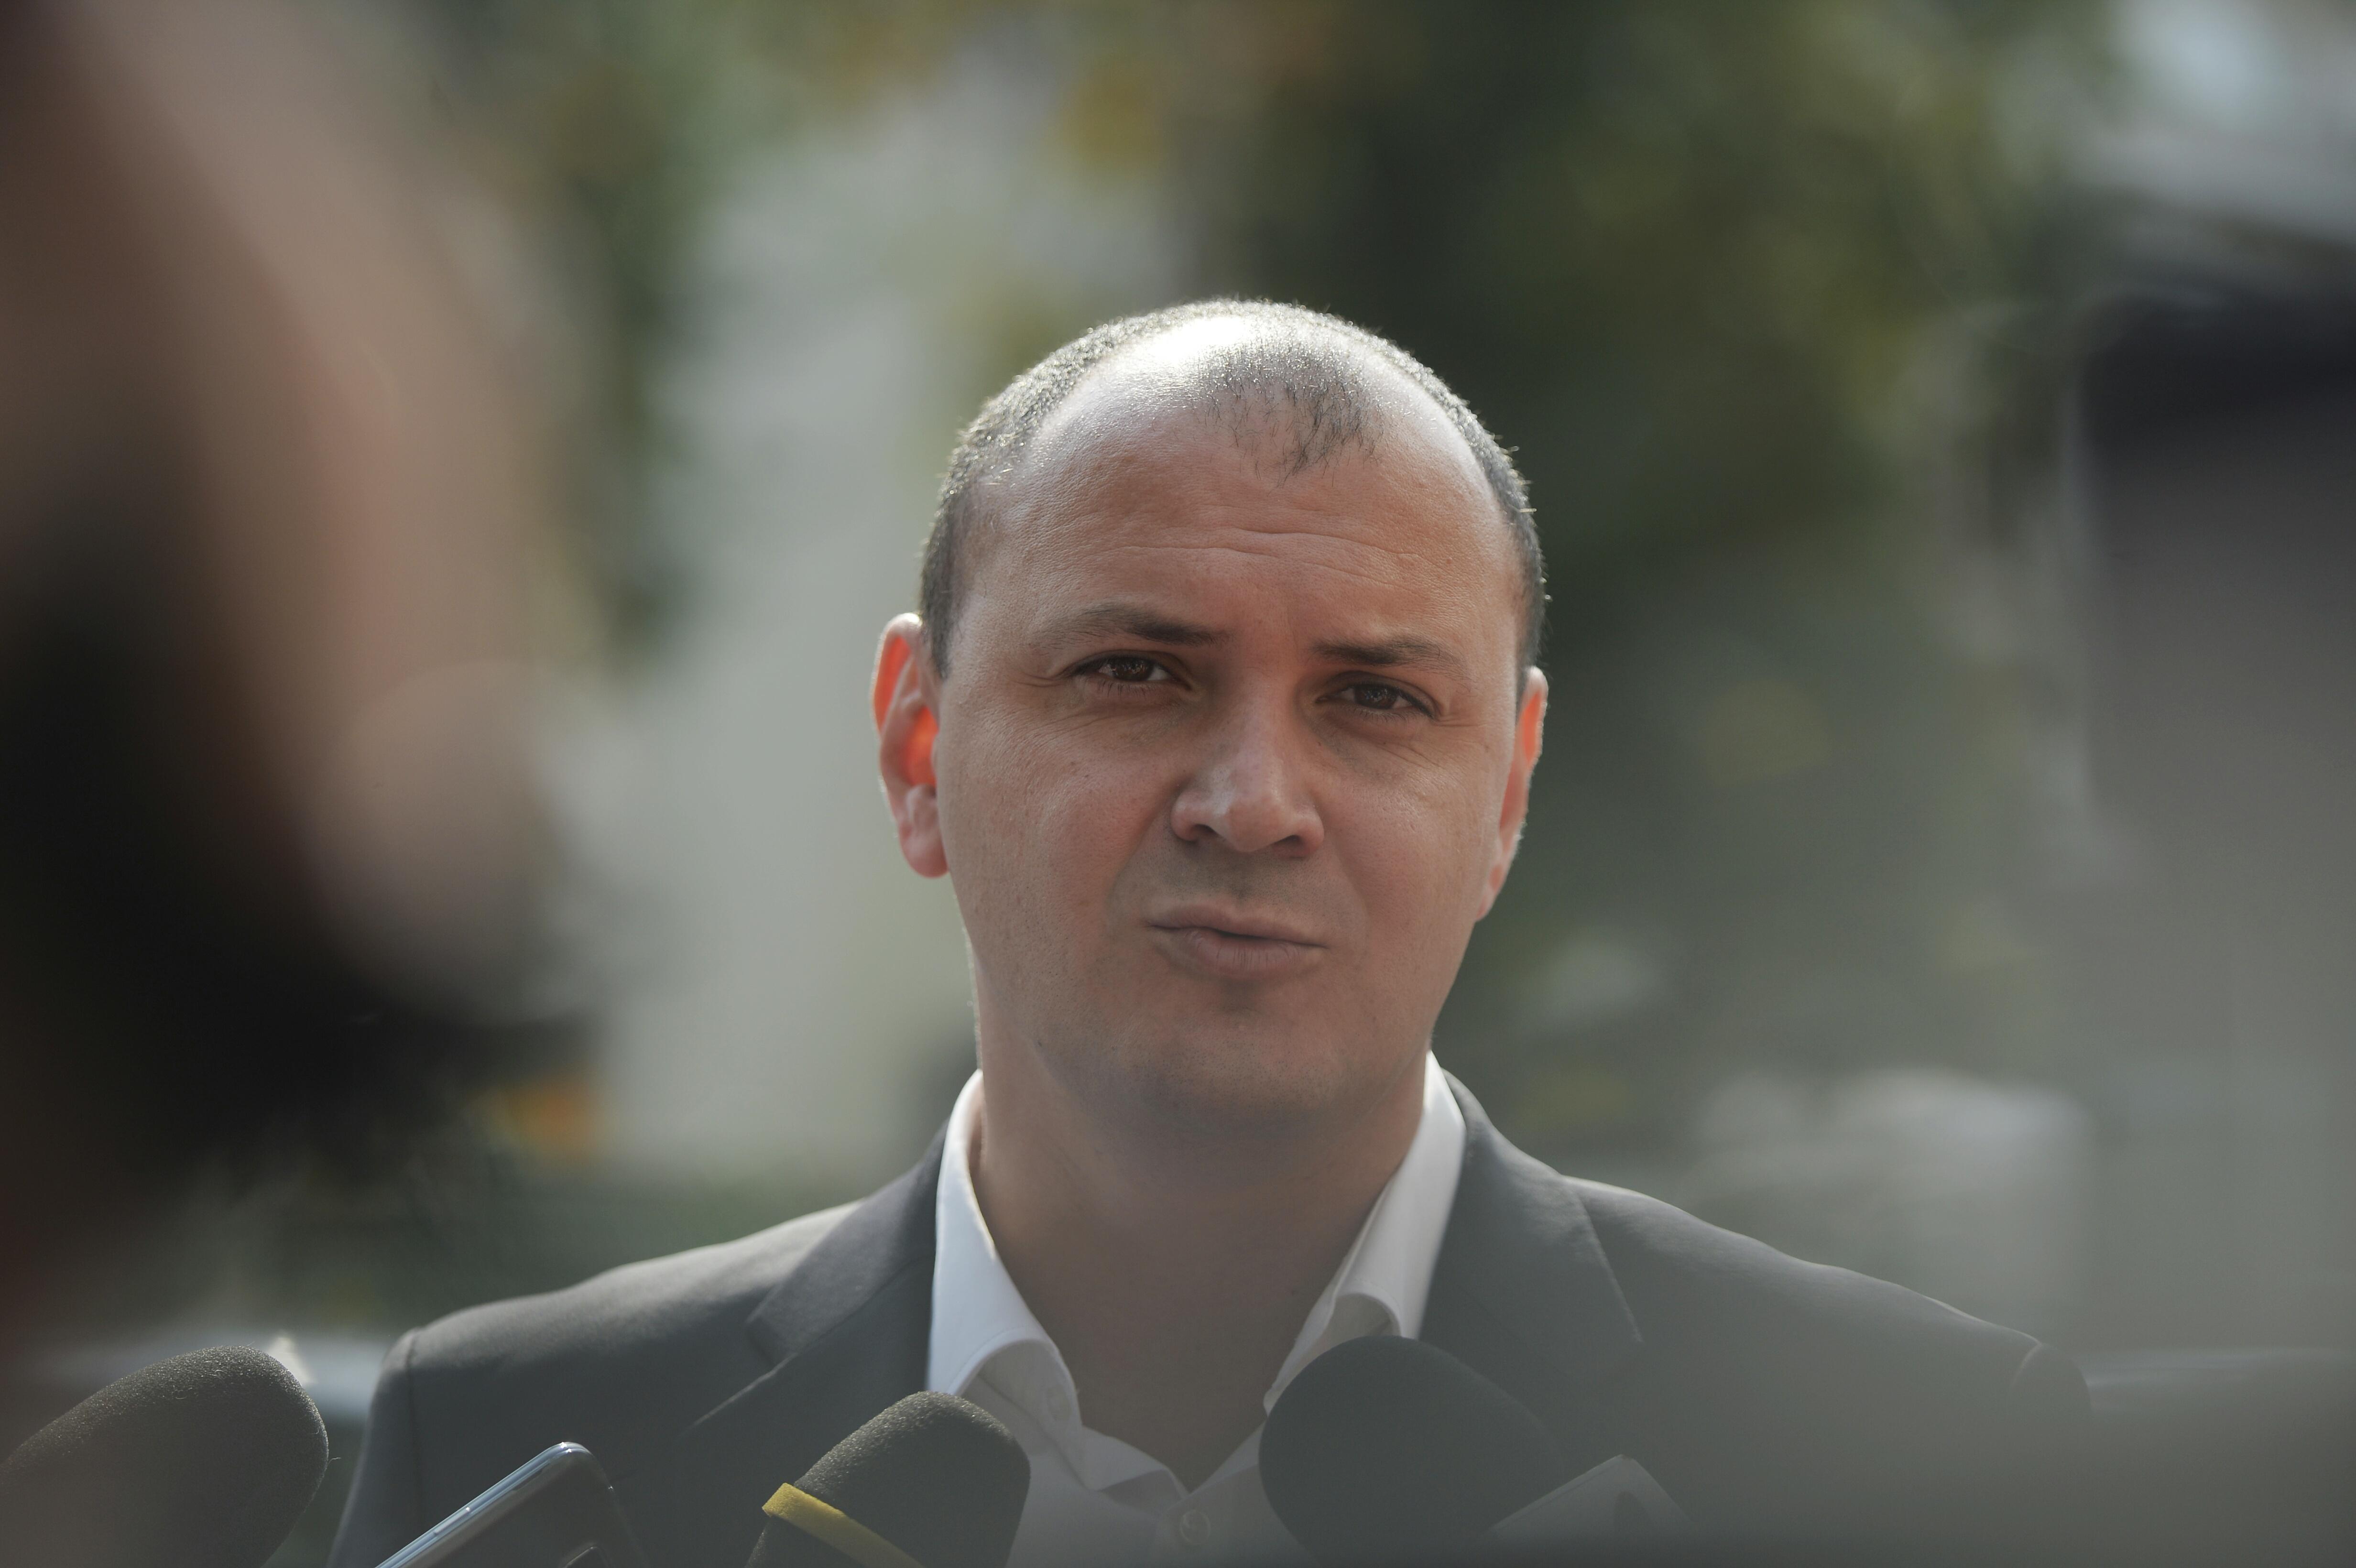 Imaginea articolului Justiţia sârbă respinge EXTRĂDAREA lui Sebastian Ghiţă şi îl consideră eligibil pentru AZIL - presă